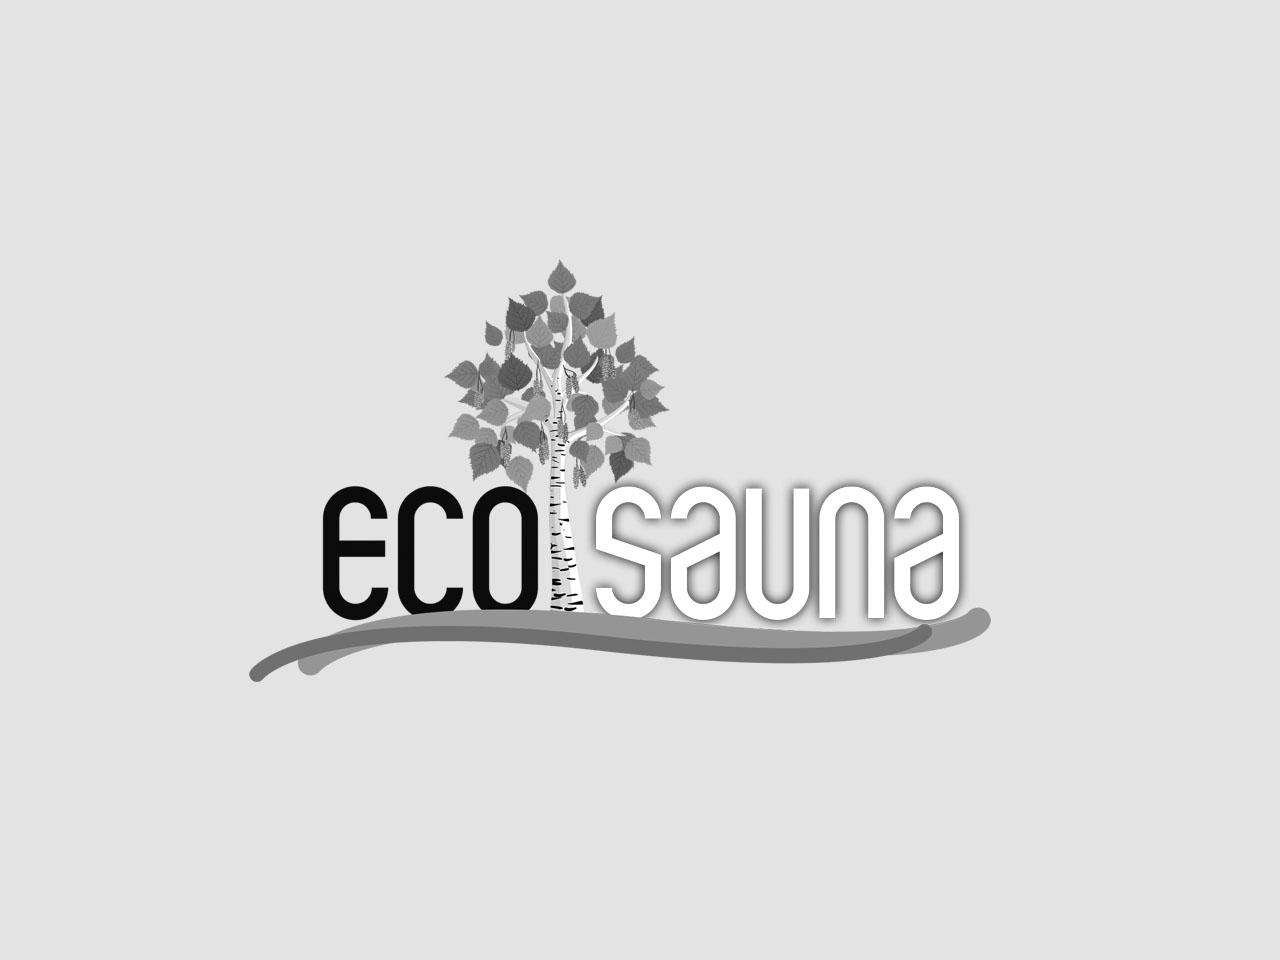 ecosauna-siti-web-seo-posizionamento-valle-camonica-contessi-fostinelli-